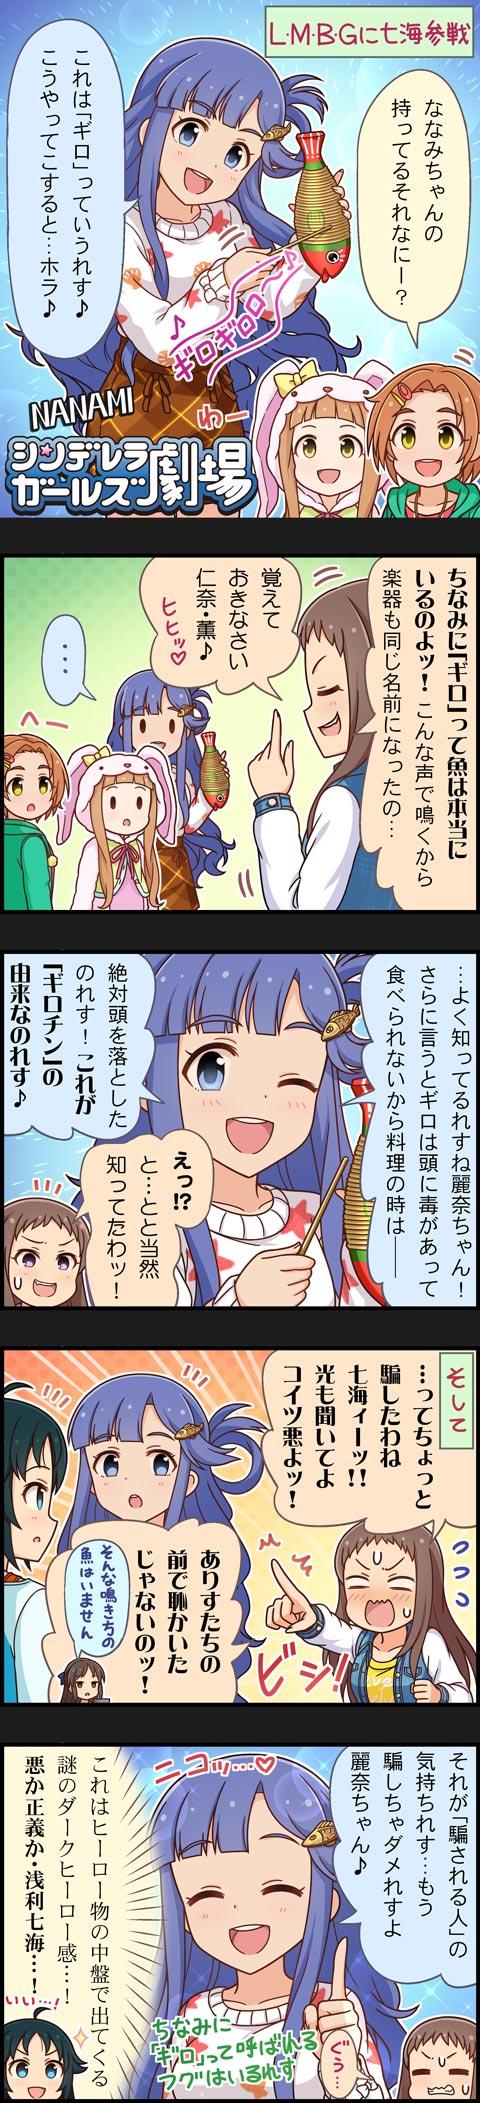 浅利七海Re6YrjN